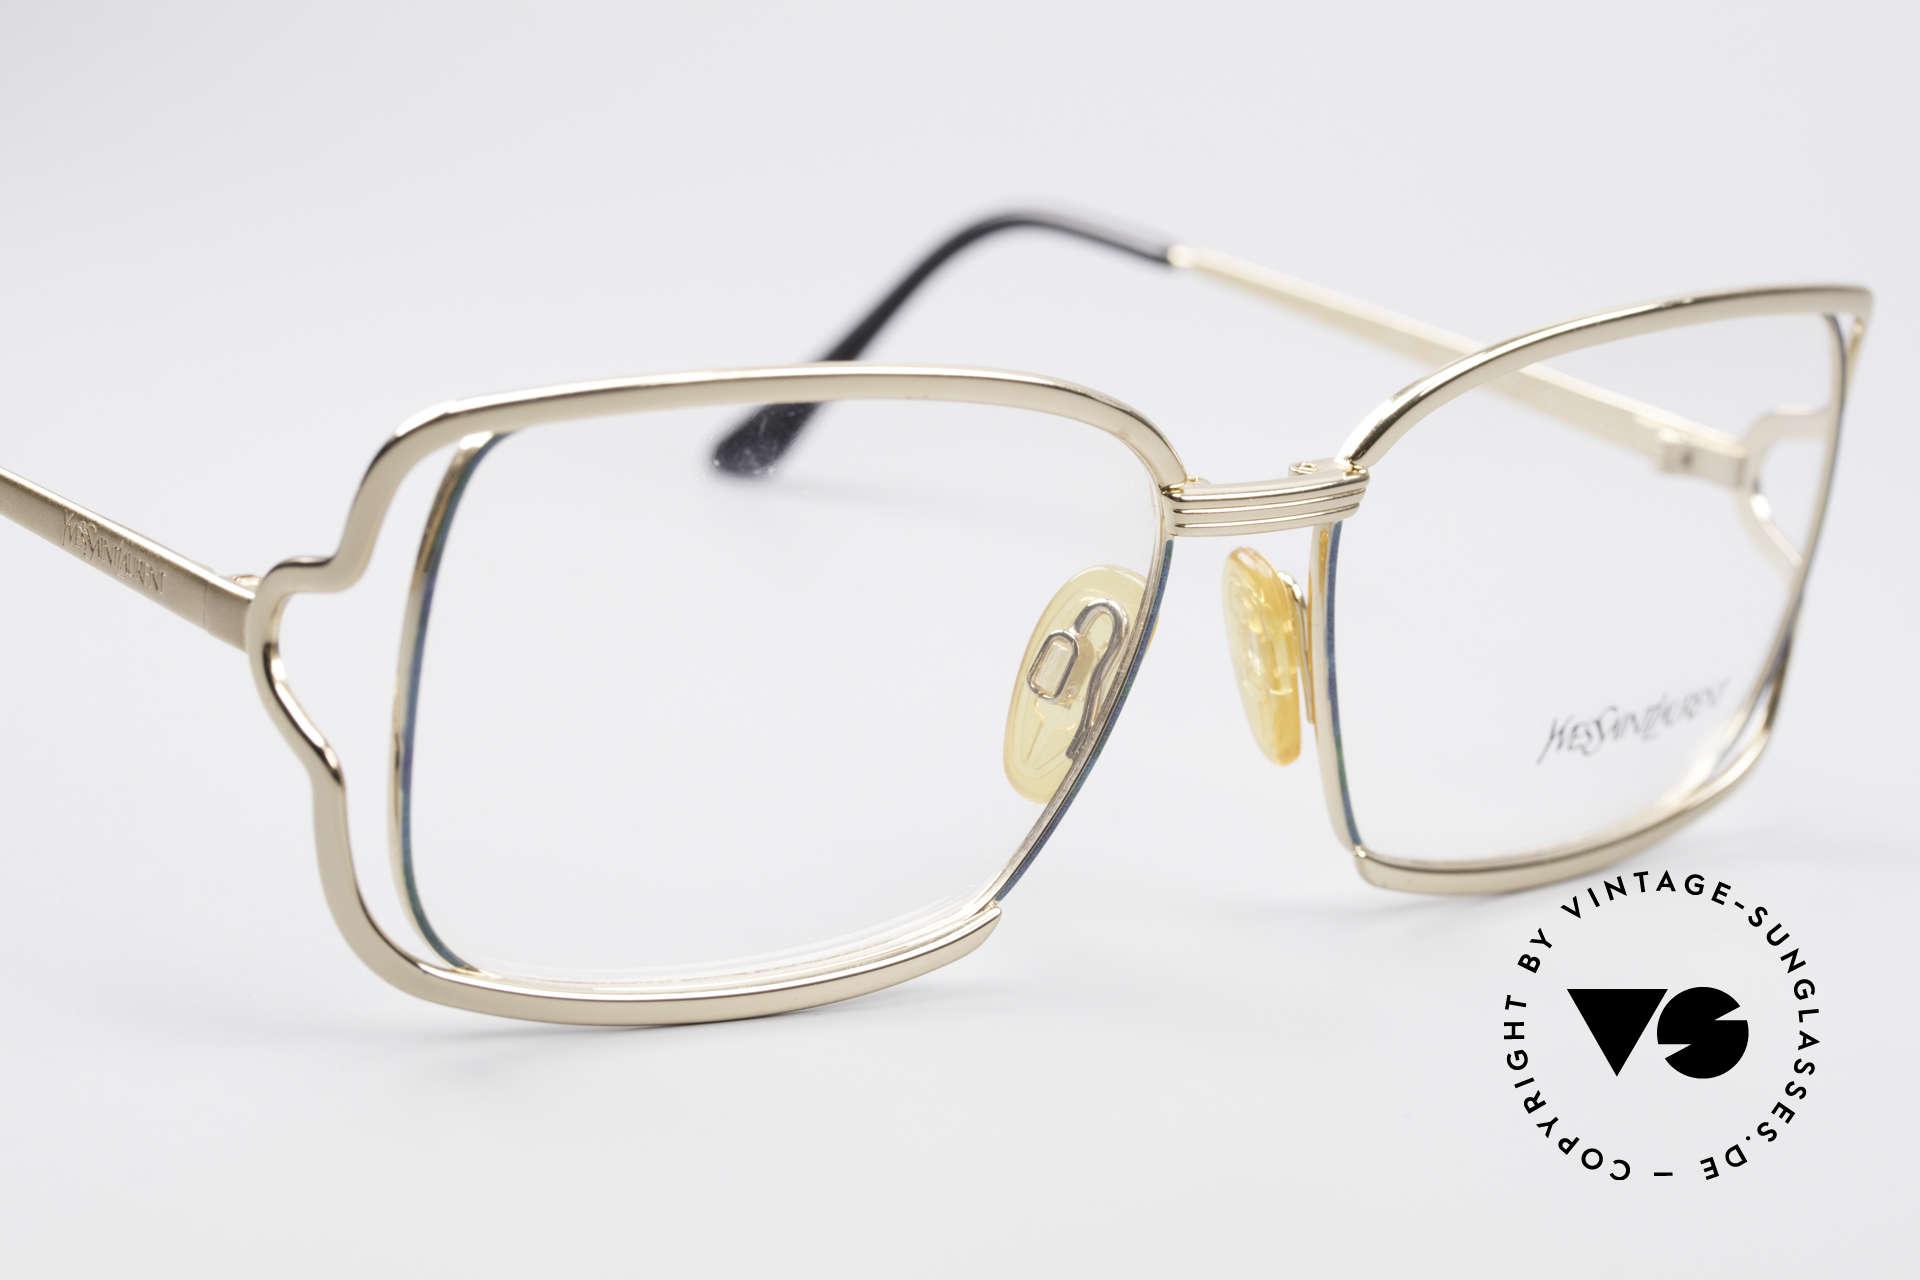 Yves Saint Laurent 4046 Vintage Ladies Eyeglasses, unworn (like all our YSL specs) + orig. YSL case, Made for Women